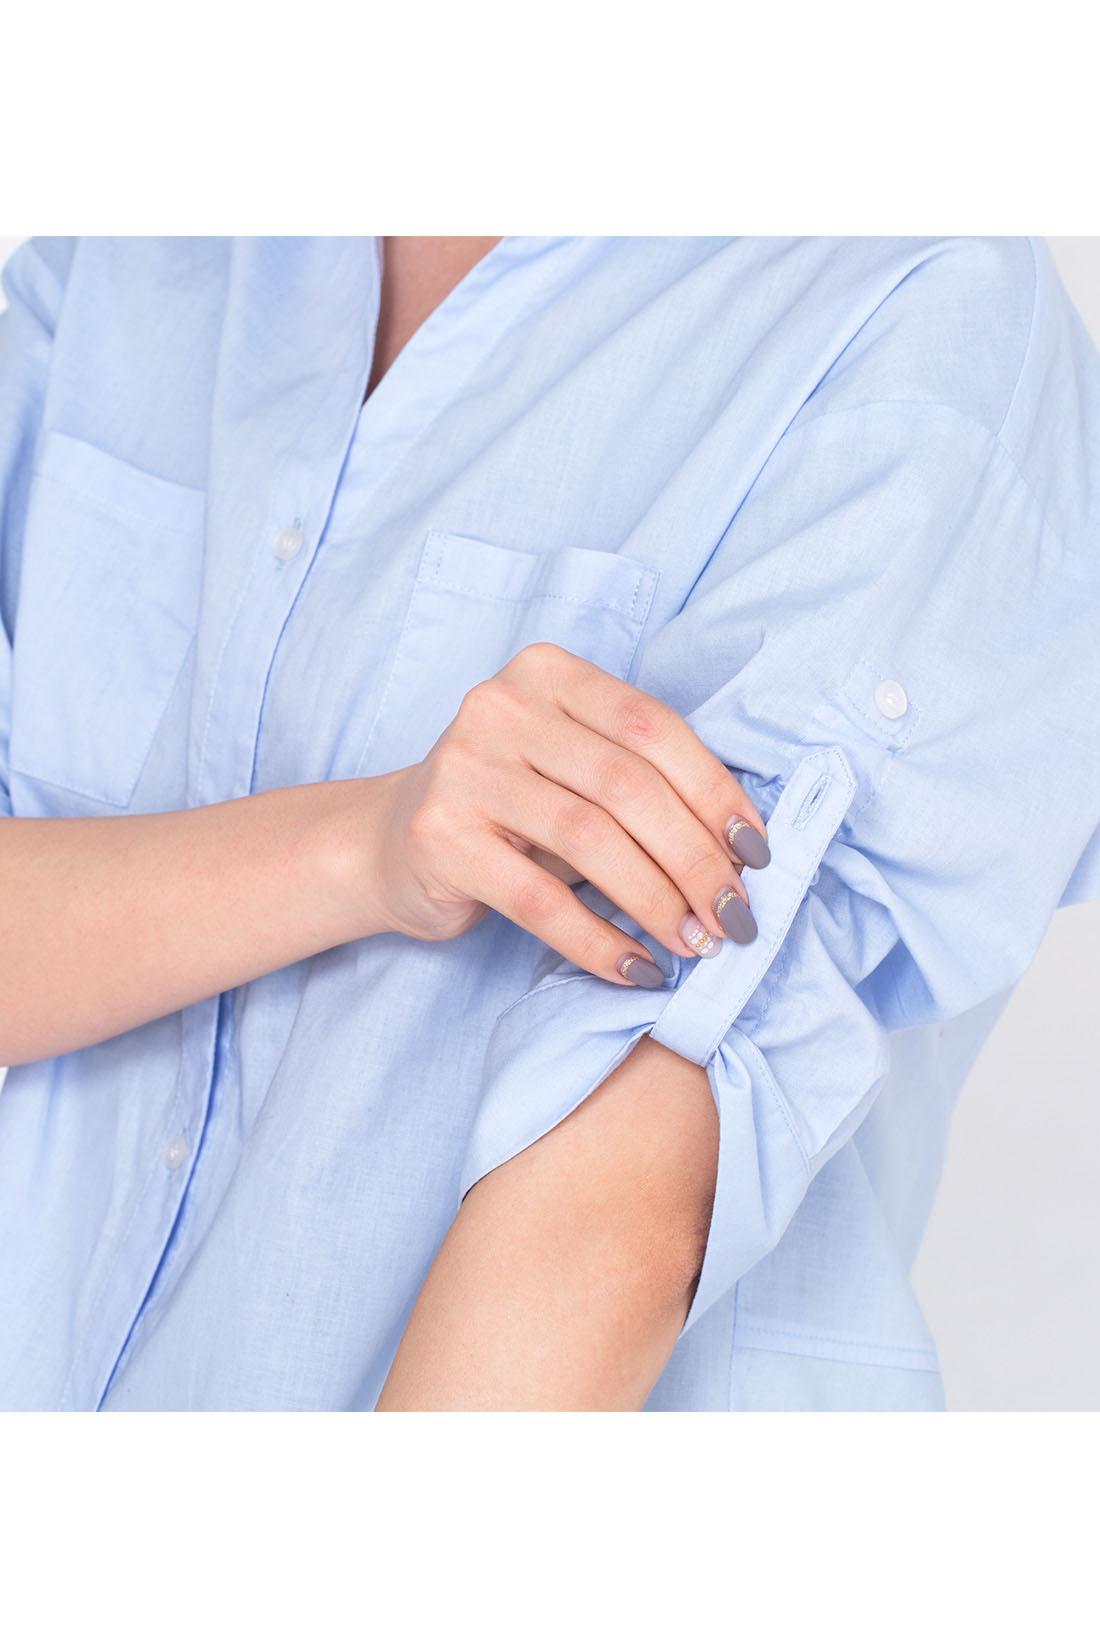 袖の内側のベルトを引っぱると、袖をプッシュアップできる技あり仕様。